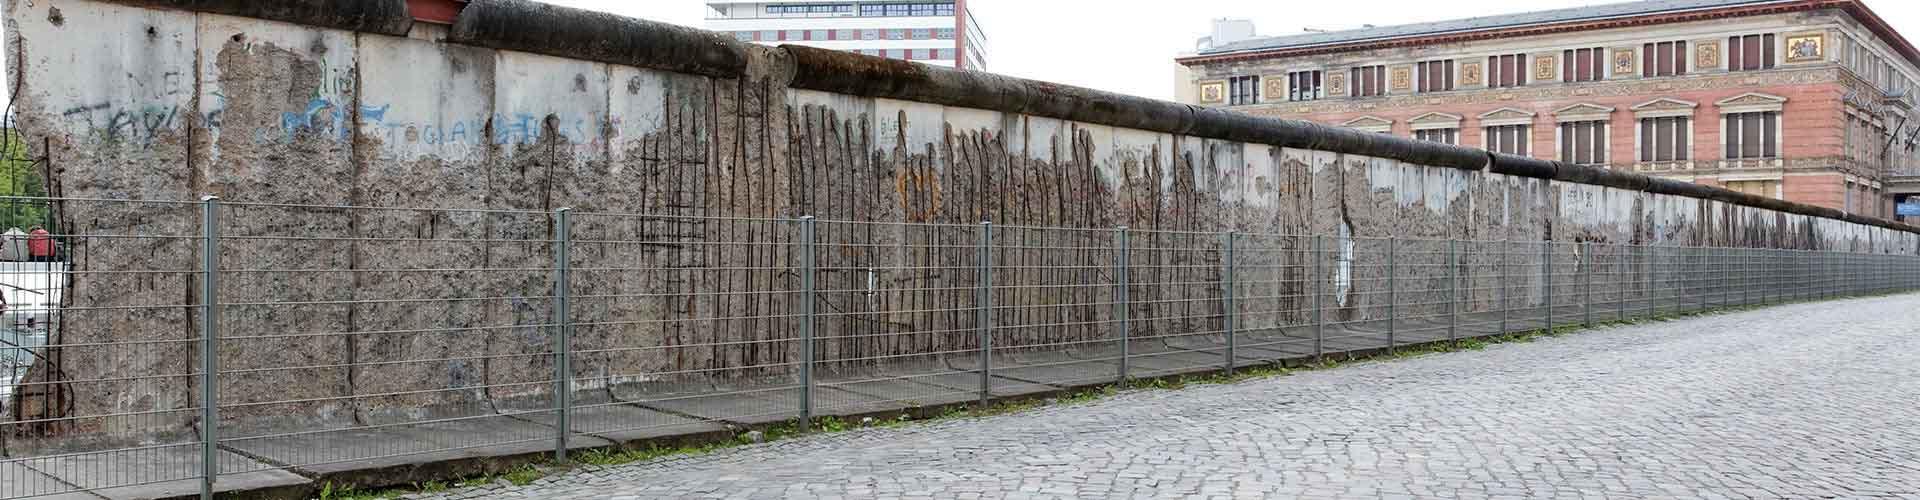 柏林 – 柏林墙 附近的青年旅舍。柏林地图,柏林 所有青年旅馆的照片和评分。